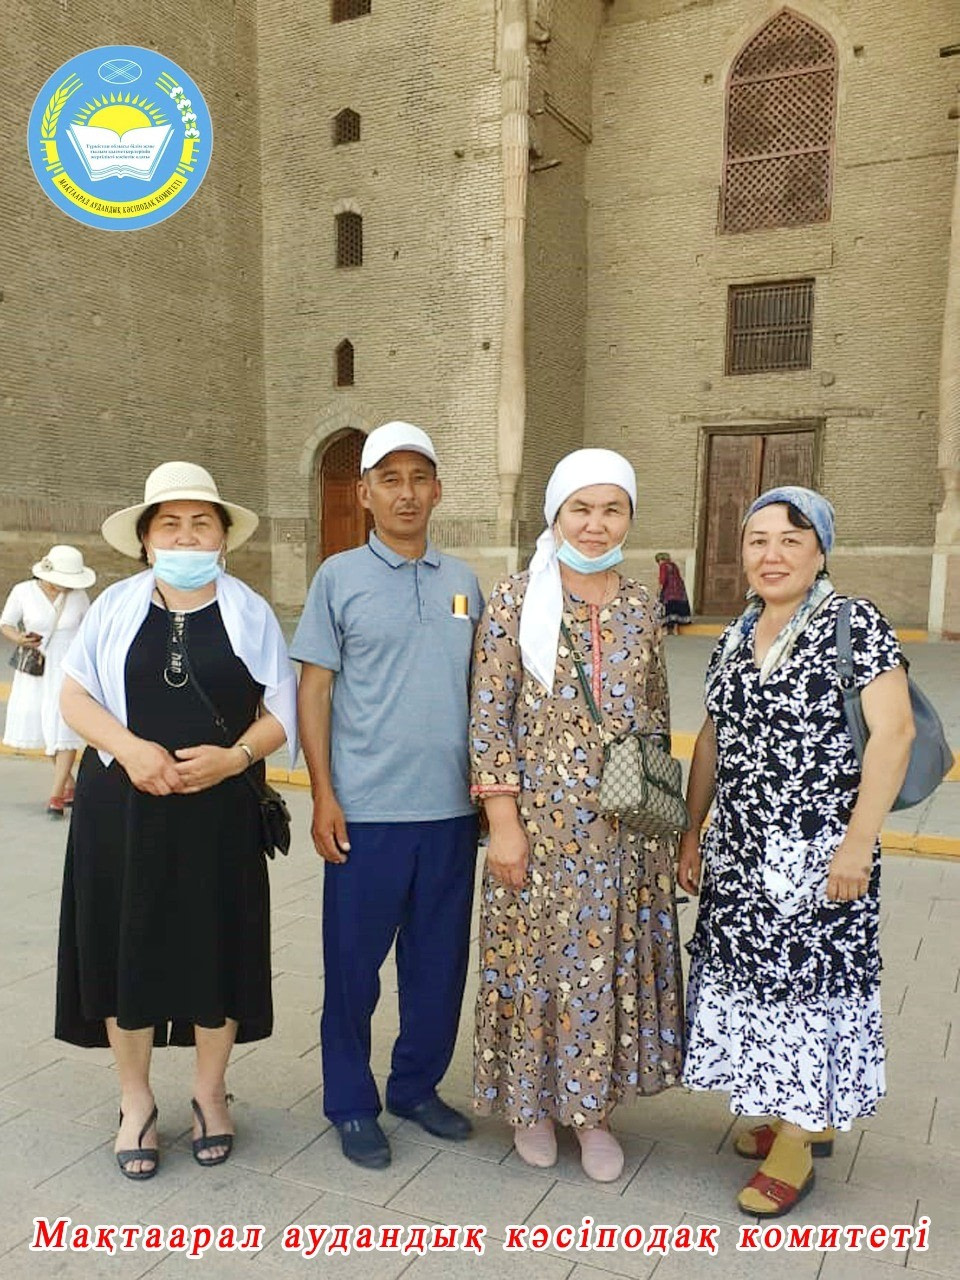 Түркістан қаласына туристік саяхат